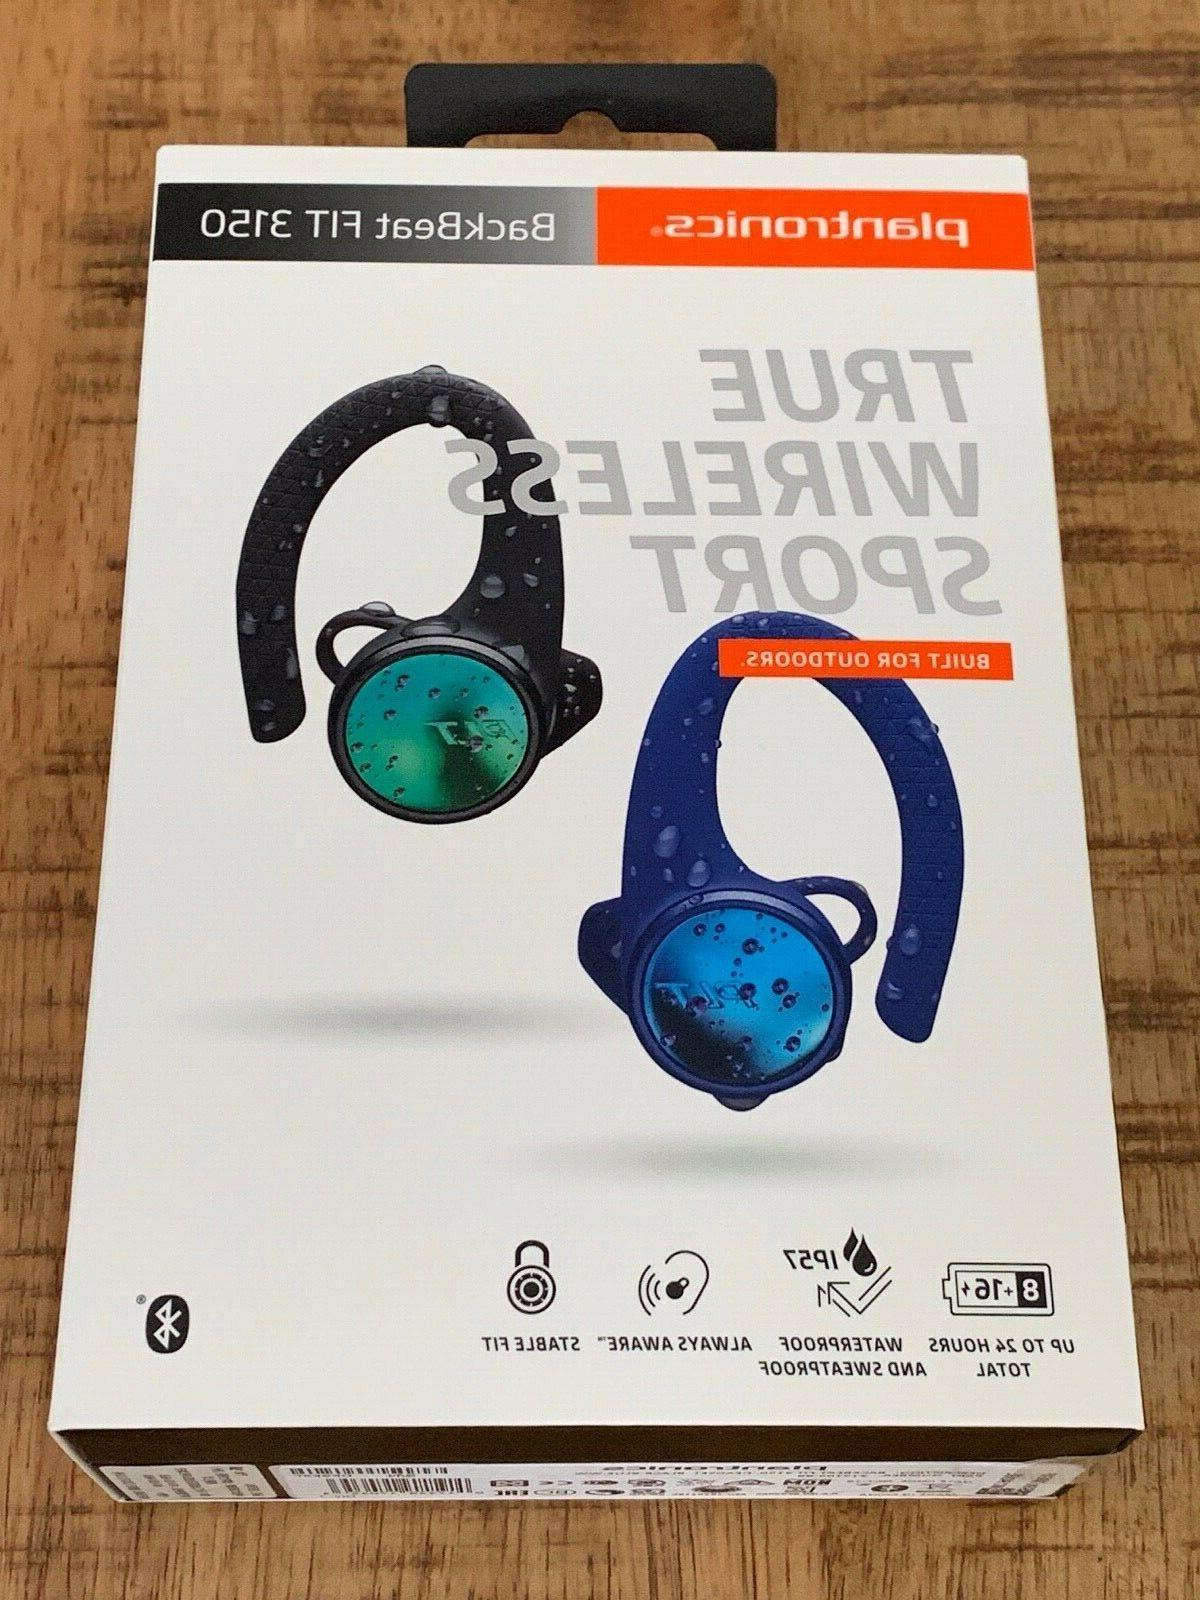 backbeat fit 3150 true wireless sport earbuds